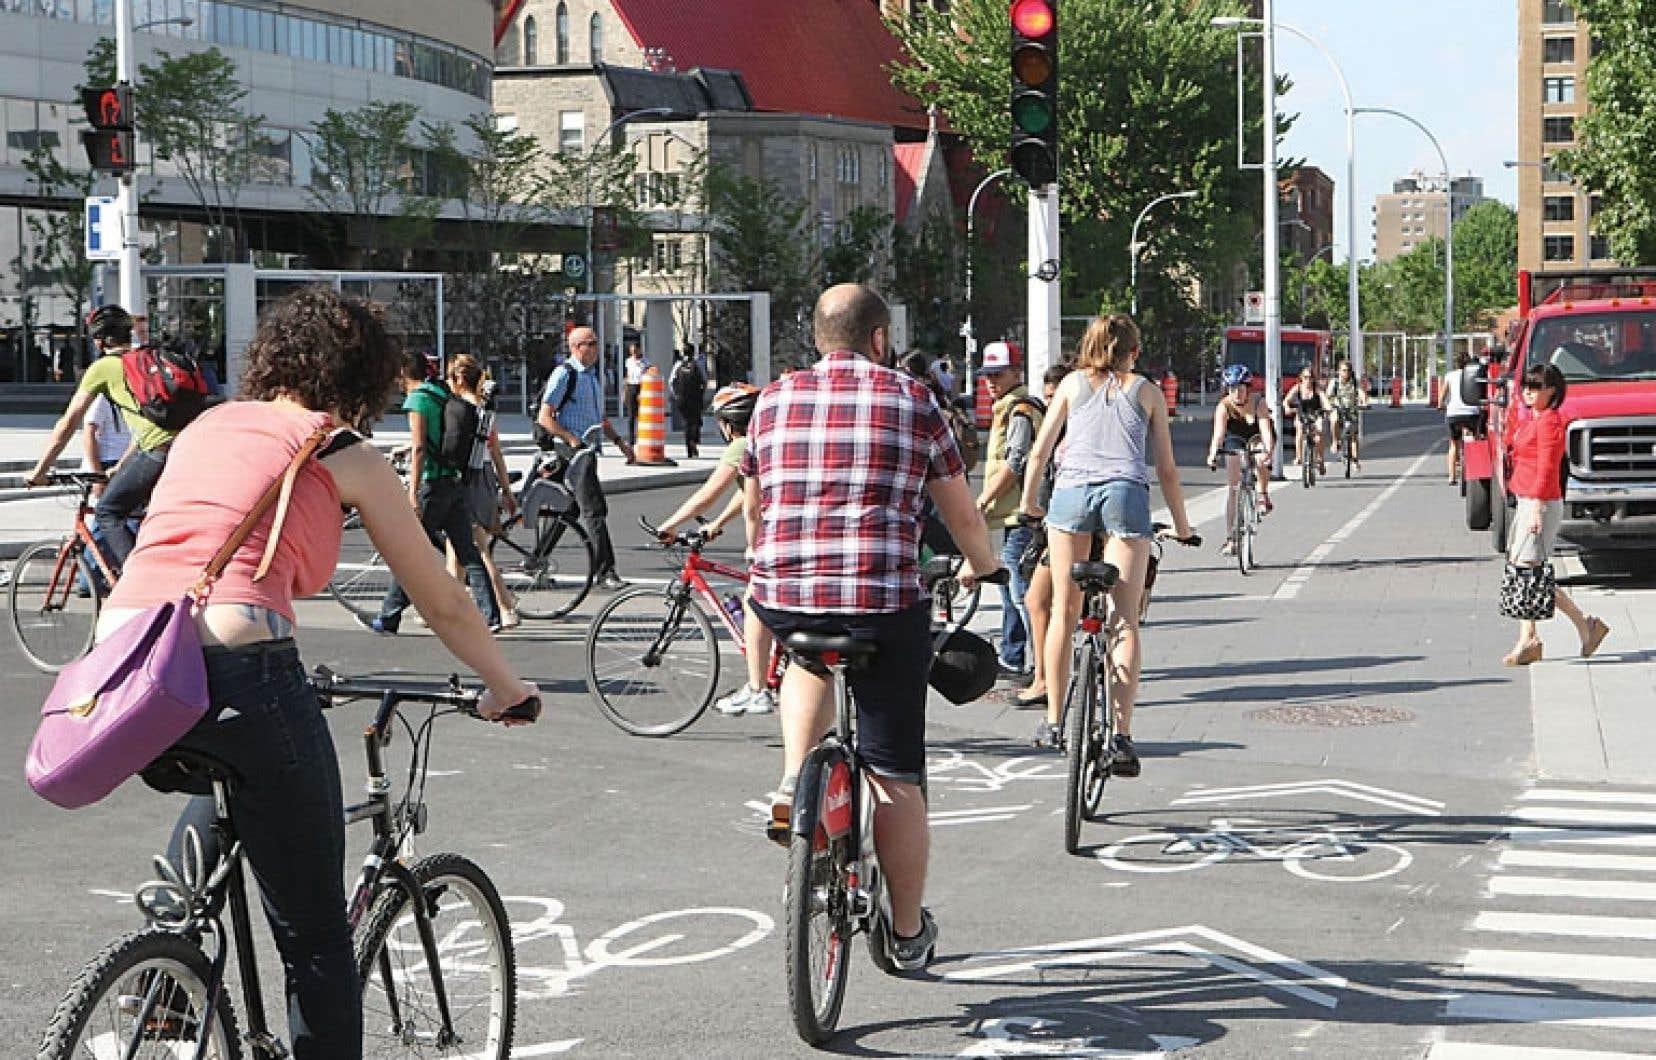 Le réseau cyclable de Montréal s'est beaucoup développé, ces dernières années, et la métropole est aujourd'hui considérée comme la meilleure ville cycliste en Amérique du Nord.